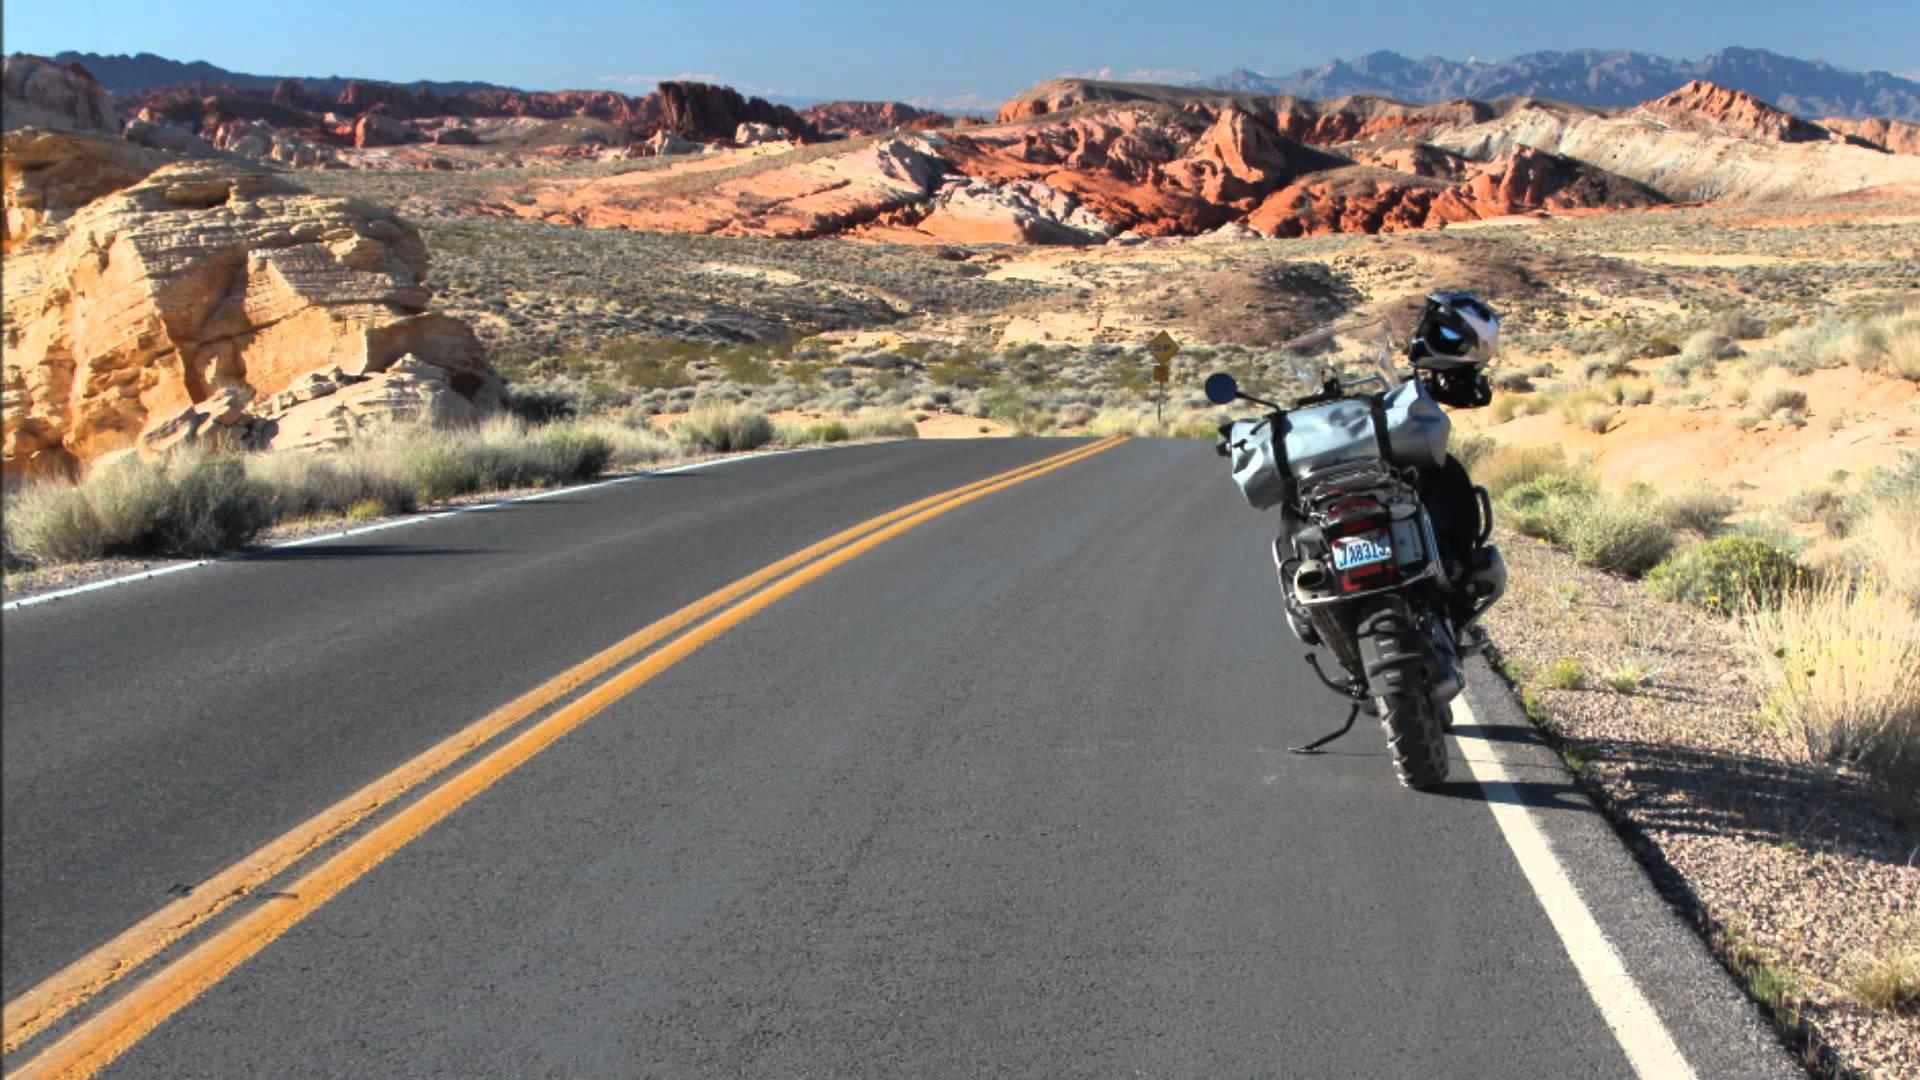 sheriffs host bike road - HD1920×1080